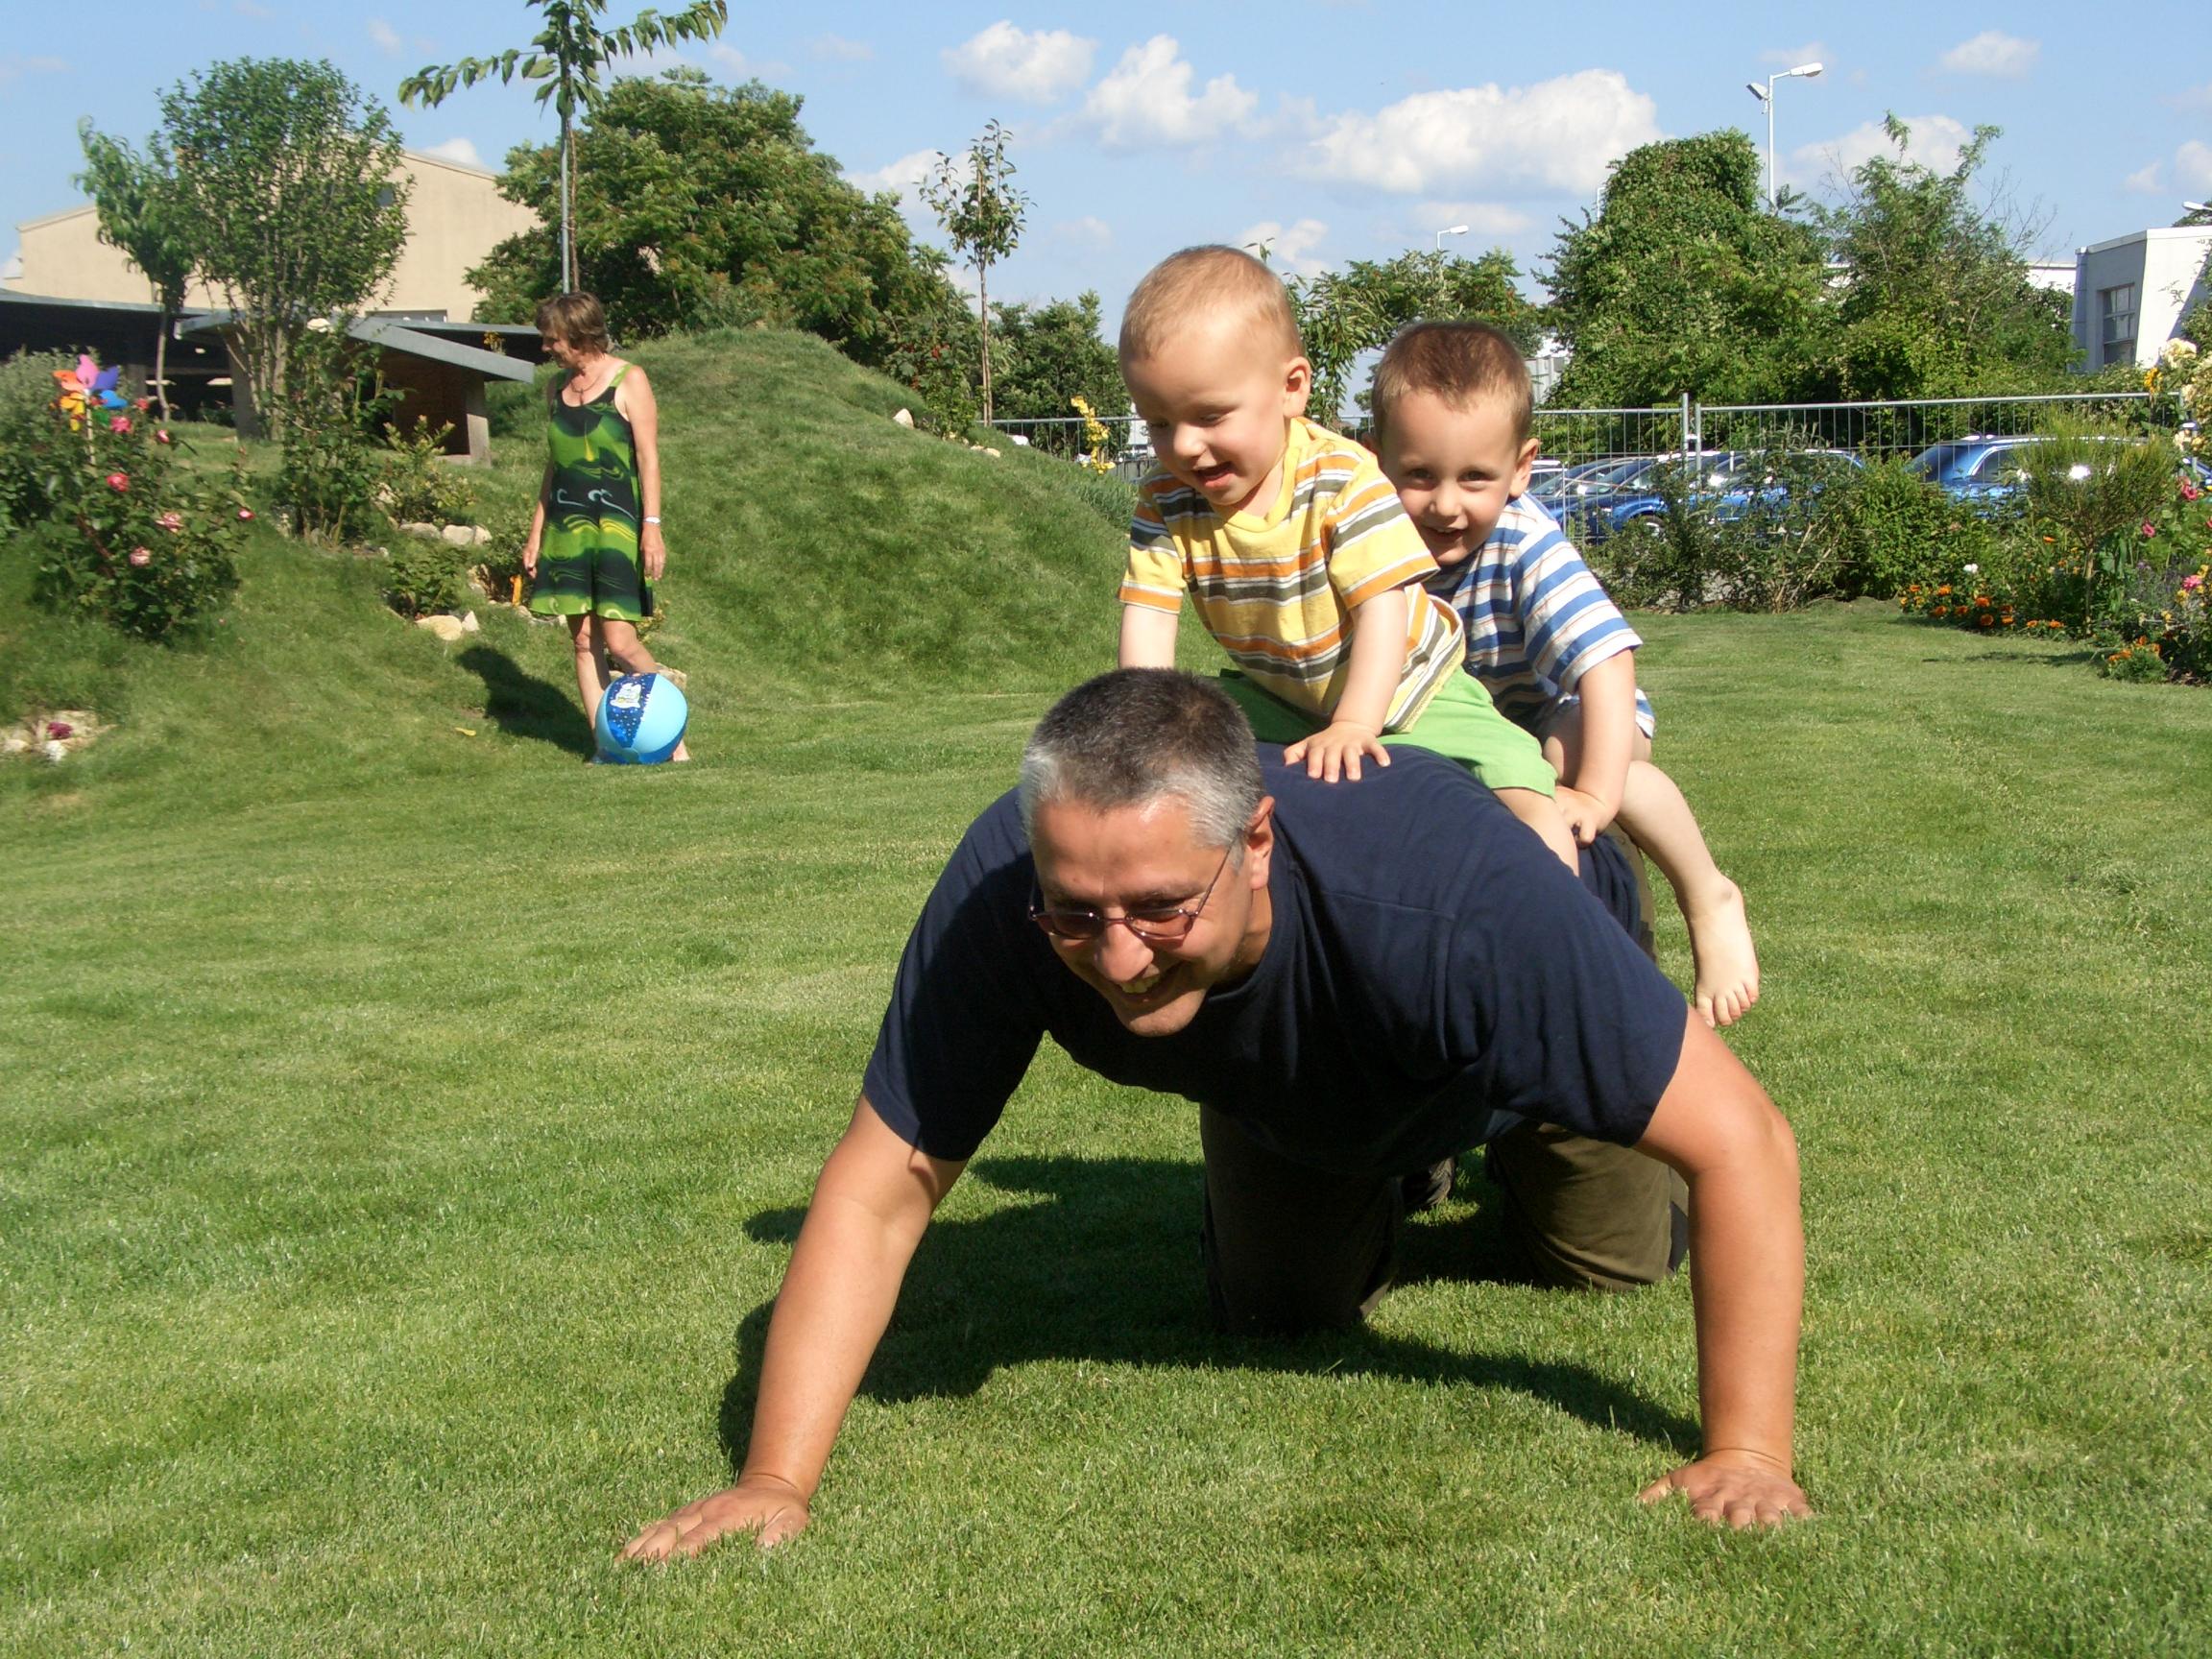 André Hüller spielt mit Söhnen Andy und Chris im Garten